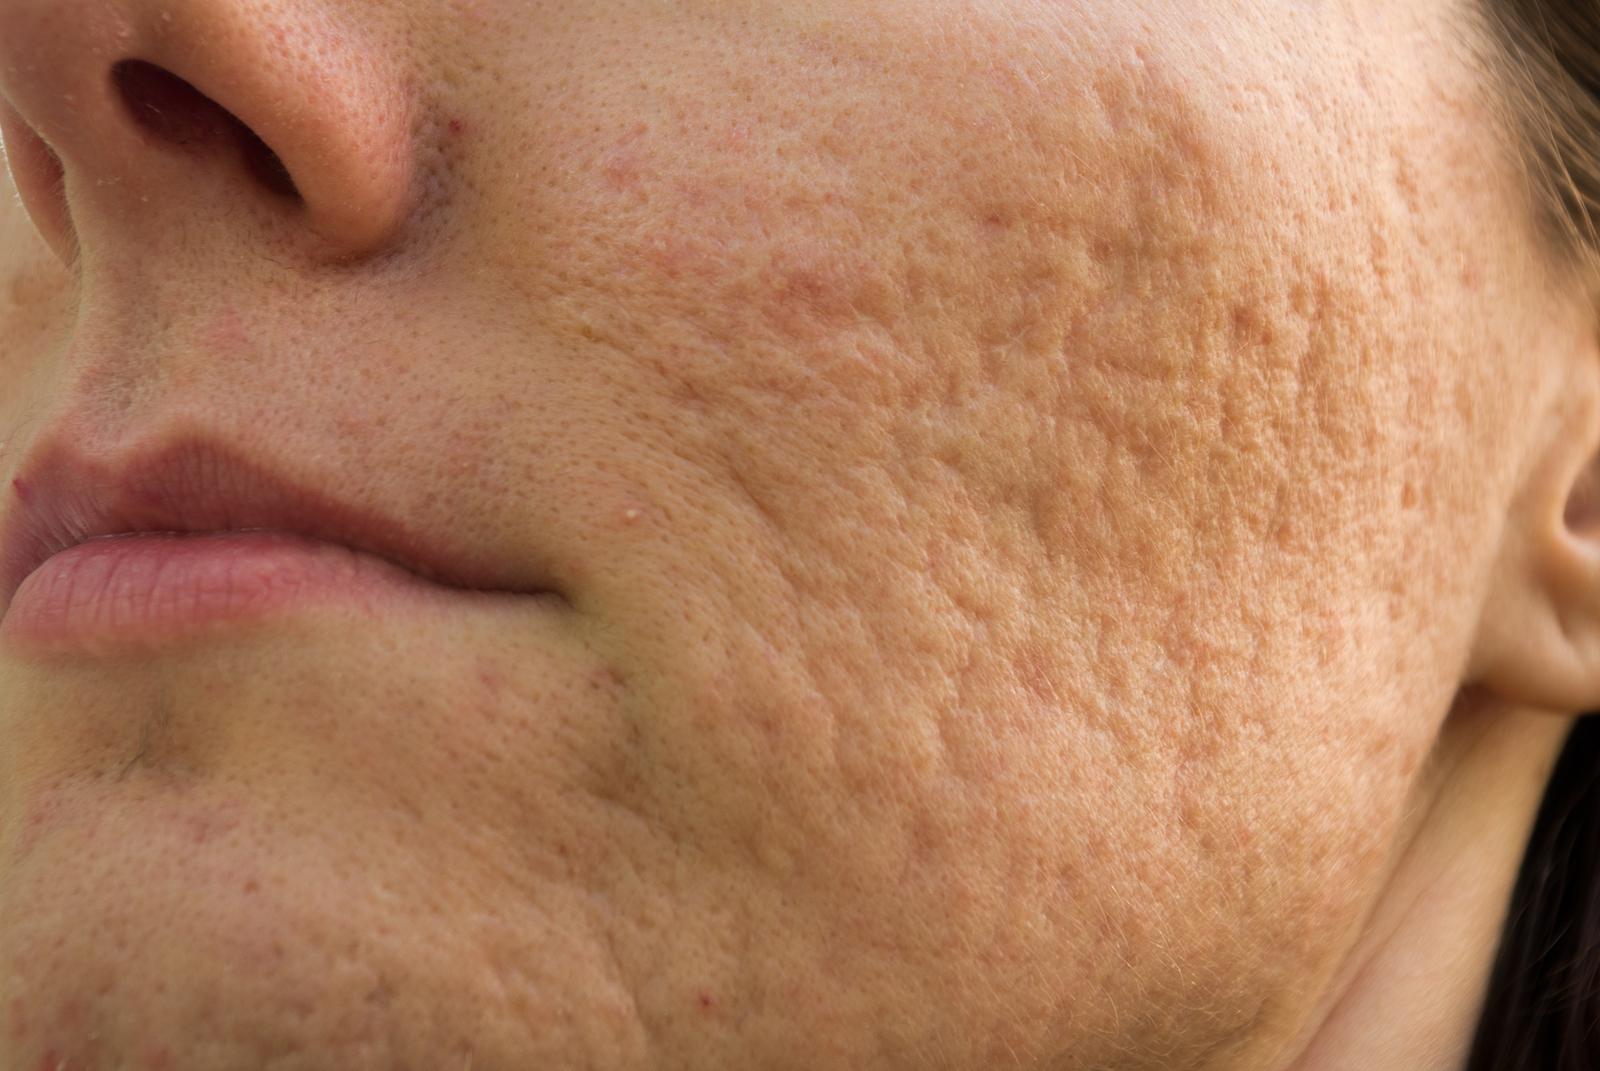 Como quitar las cicatrices de acne 3 remedios naturales - Como quitar las humedades de la pared ...